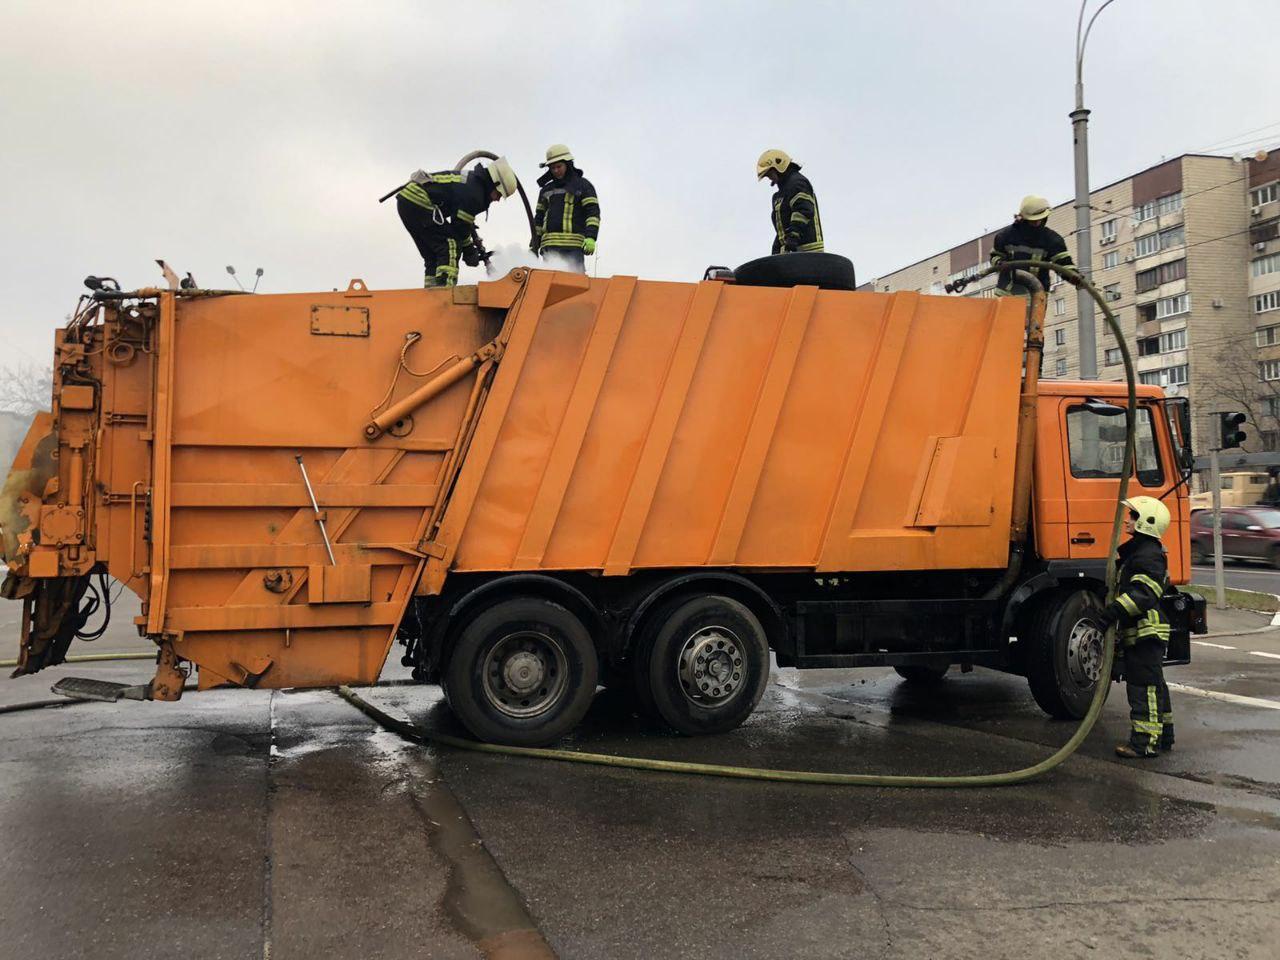 У Києві загорівся на ходу сміттєвоз сам поїхав до пожежних